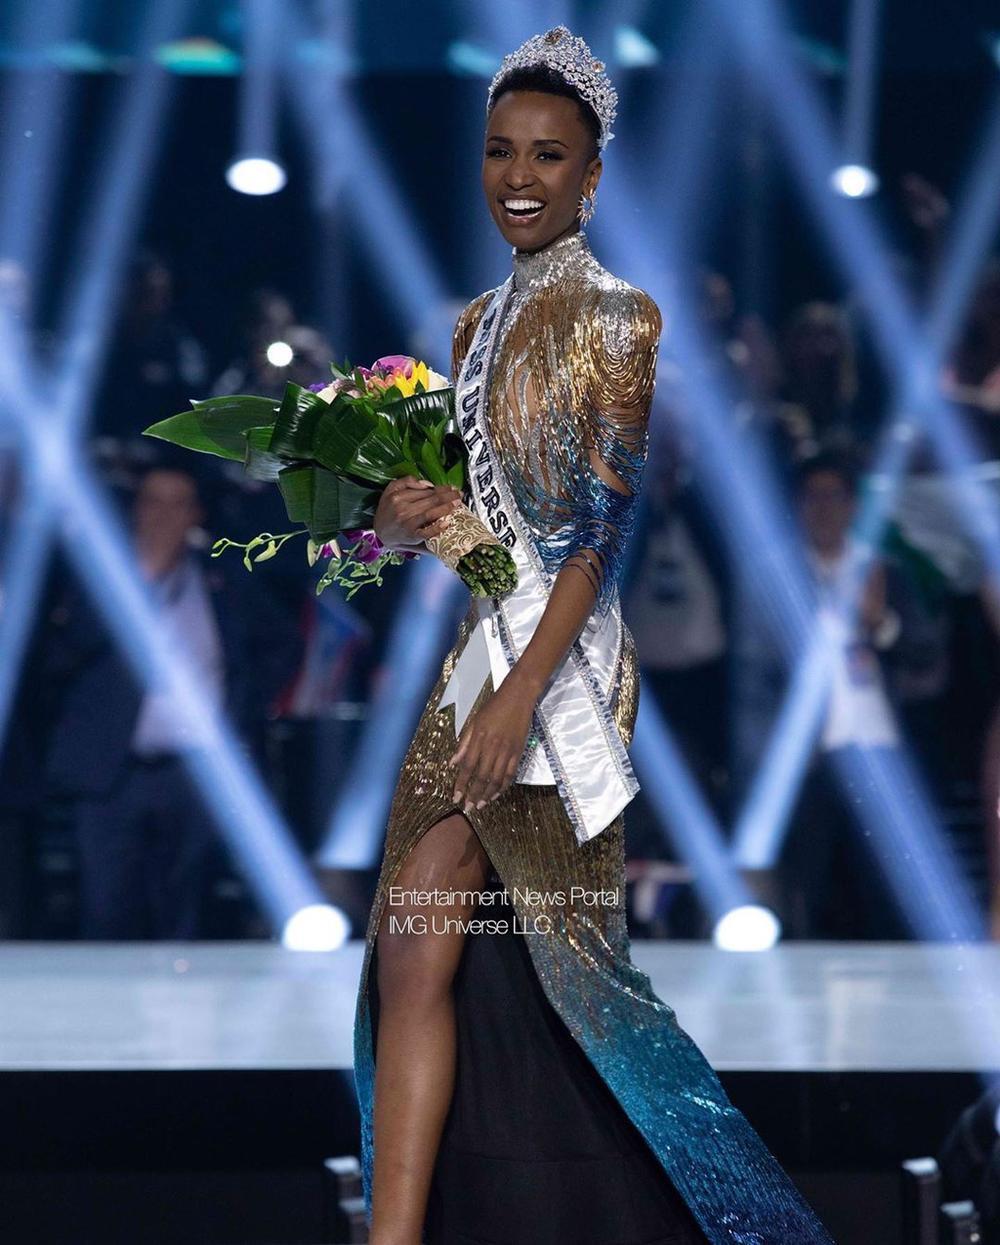 6 lí do khiến được fan trông chờ nhất tại Miss Universe 2020: Khánh Vân có đủ 'yêu thương' để intop Ảnh 8